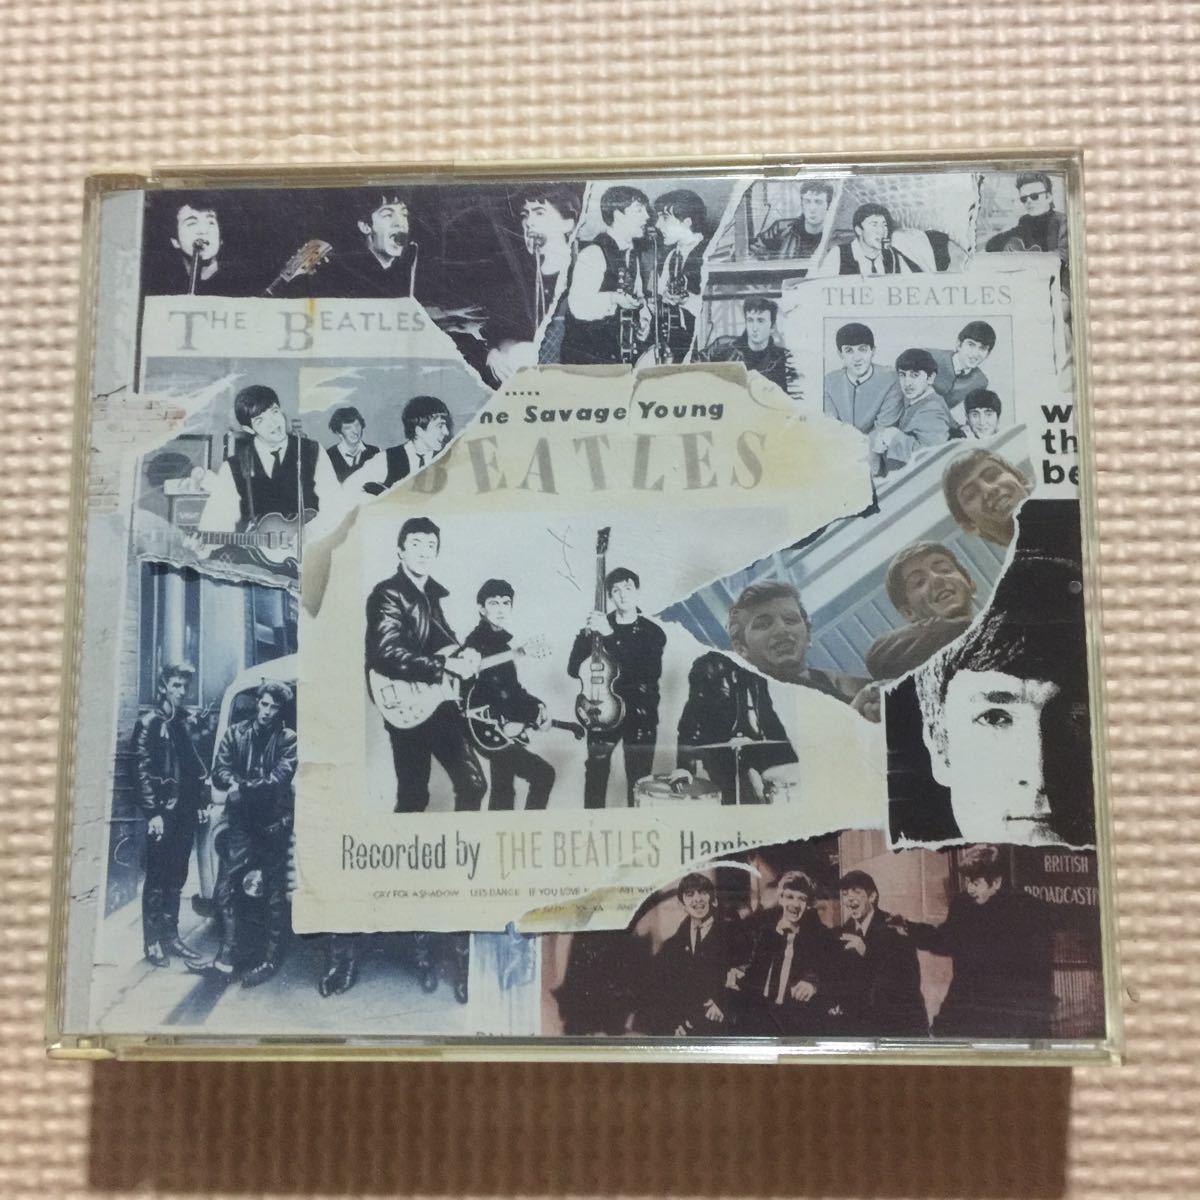 ザ・ビートルズ アンソロジー1 (The Beatles Anthology 1) EU盤2枚組CD_画像1